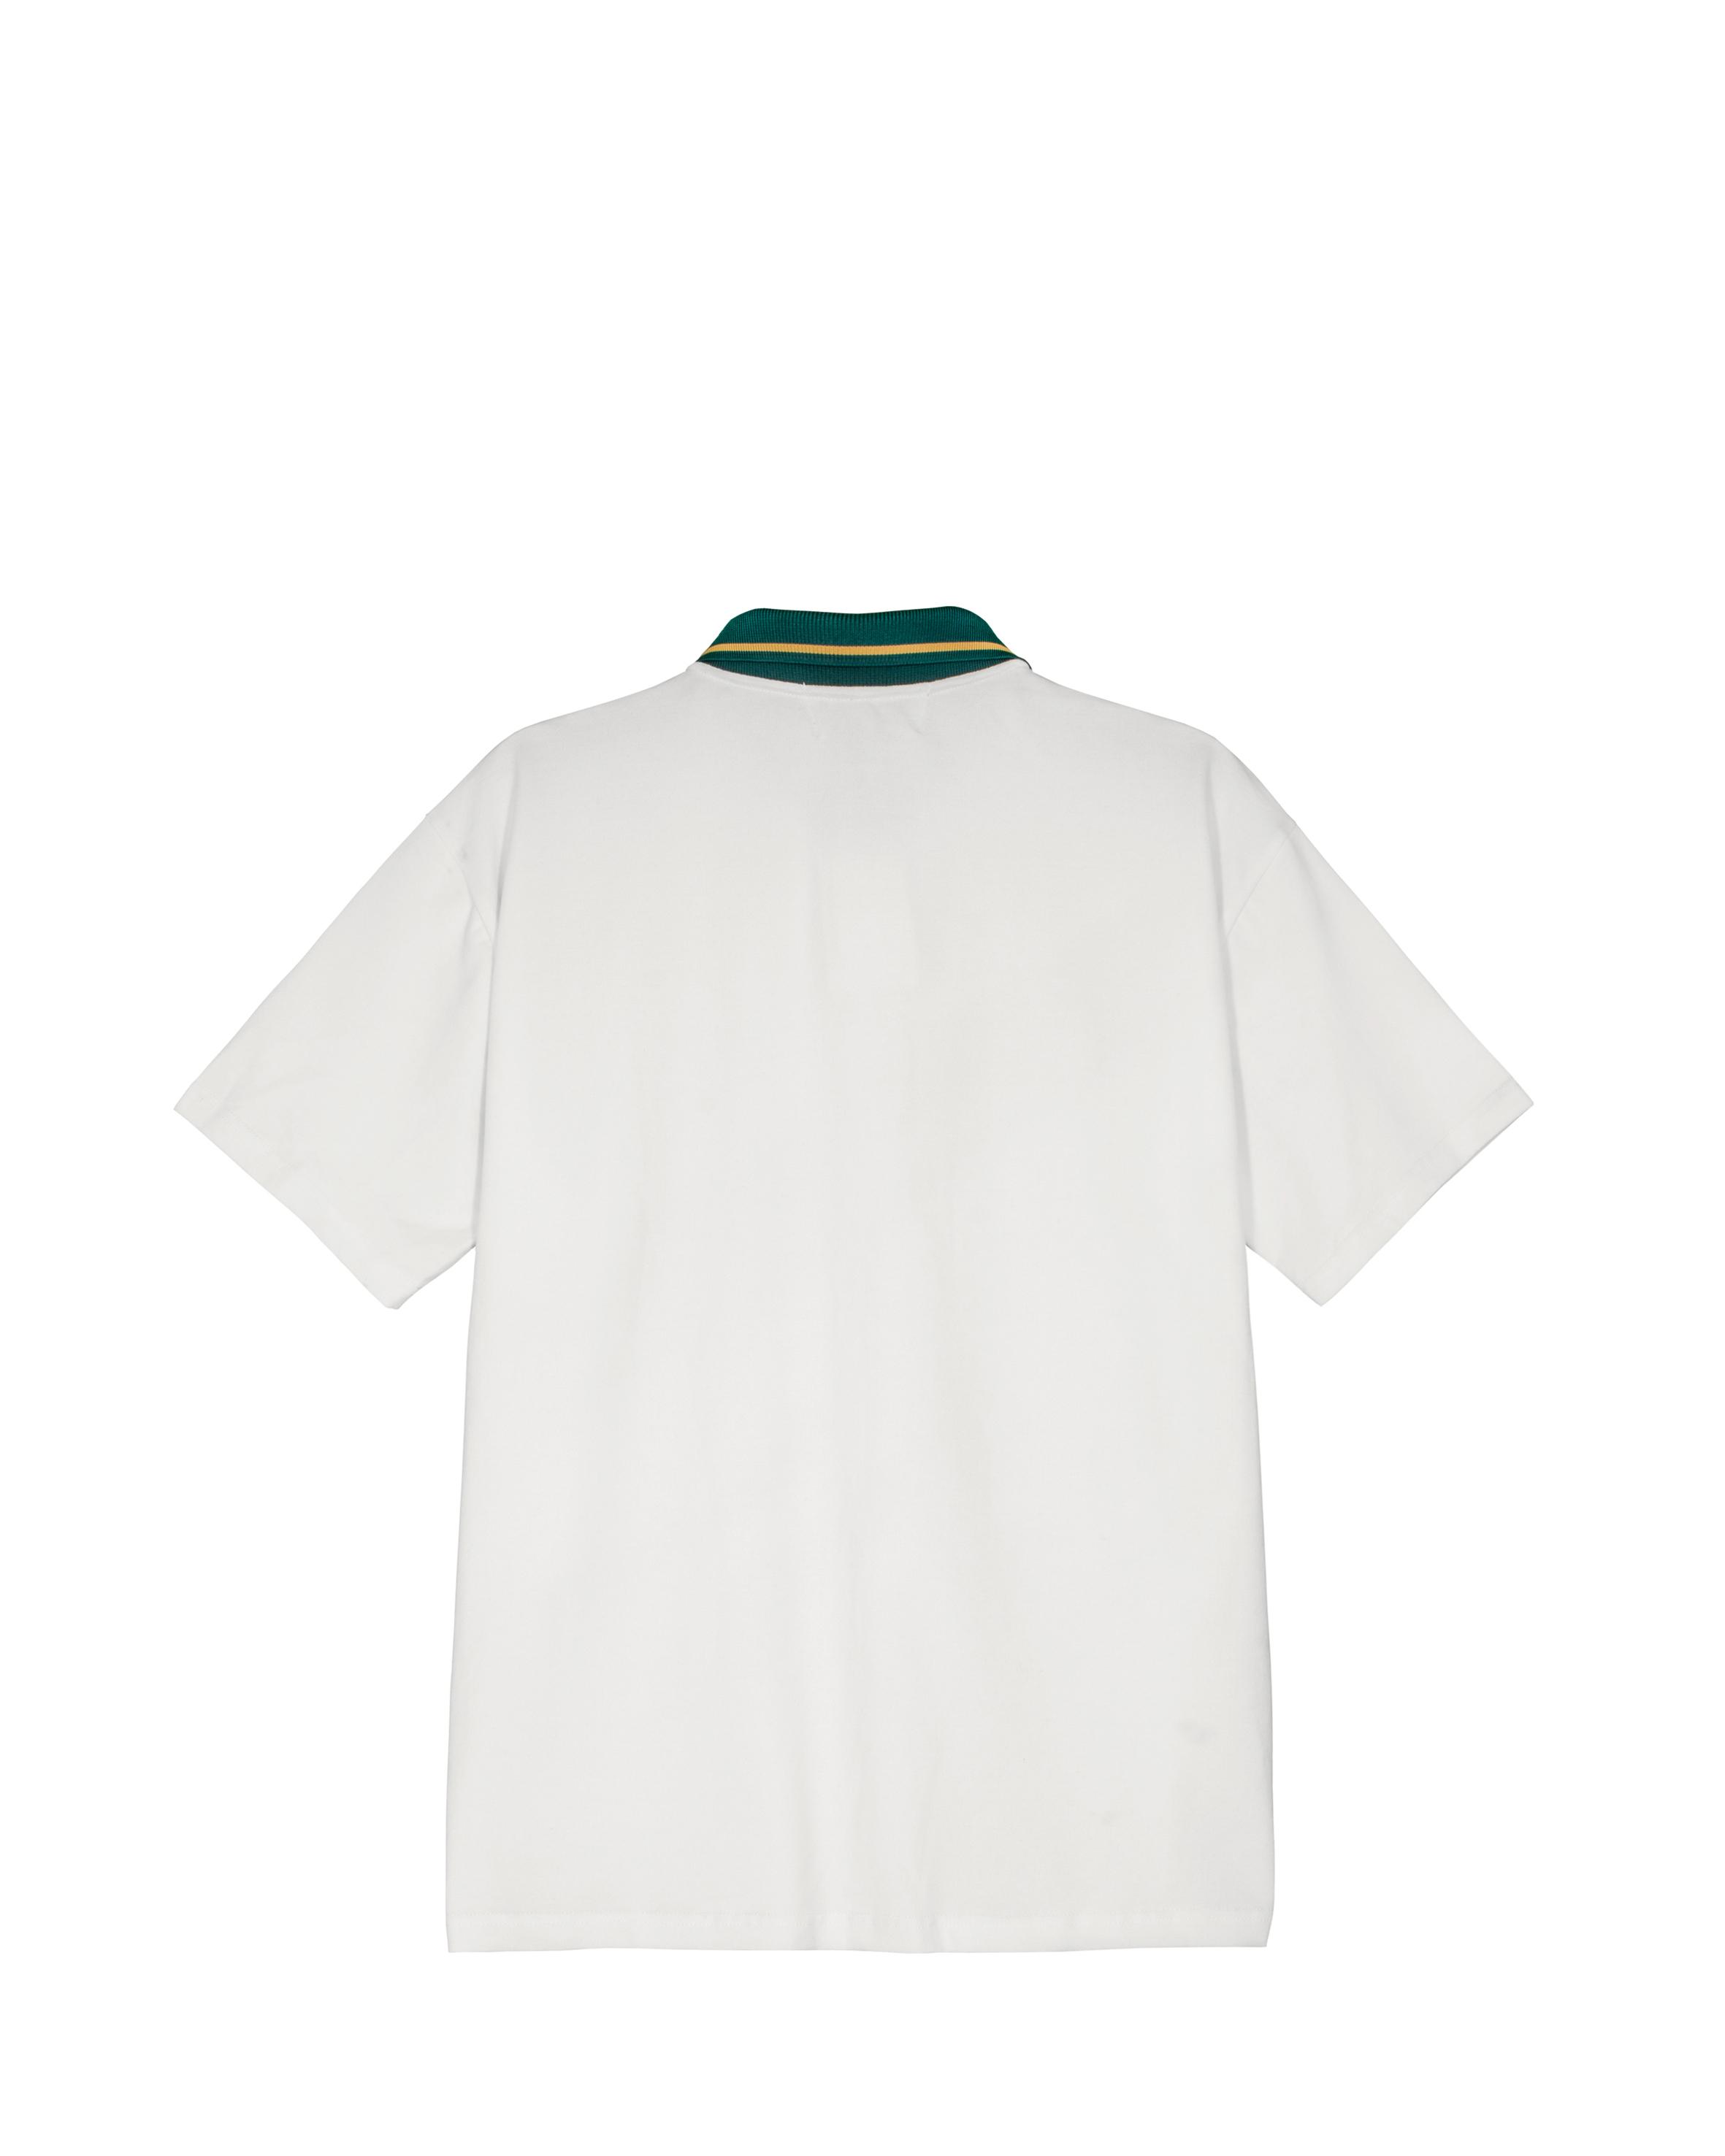 Dico Polo Shirt